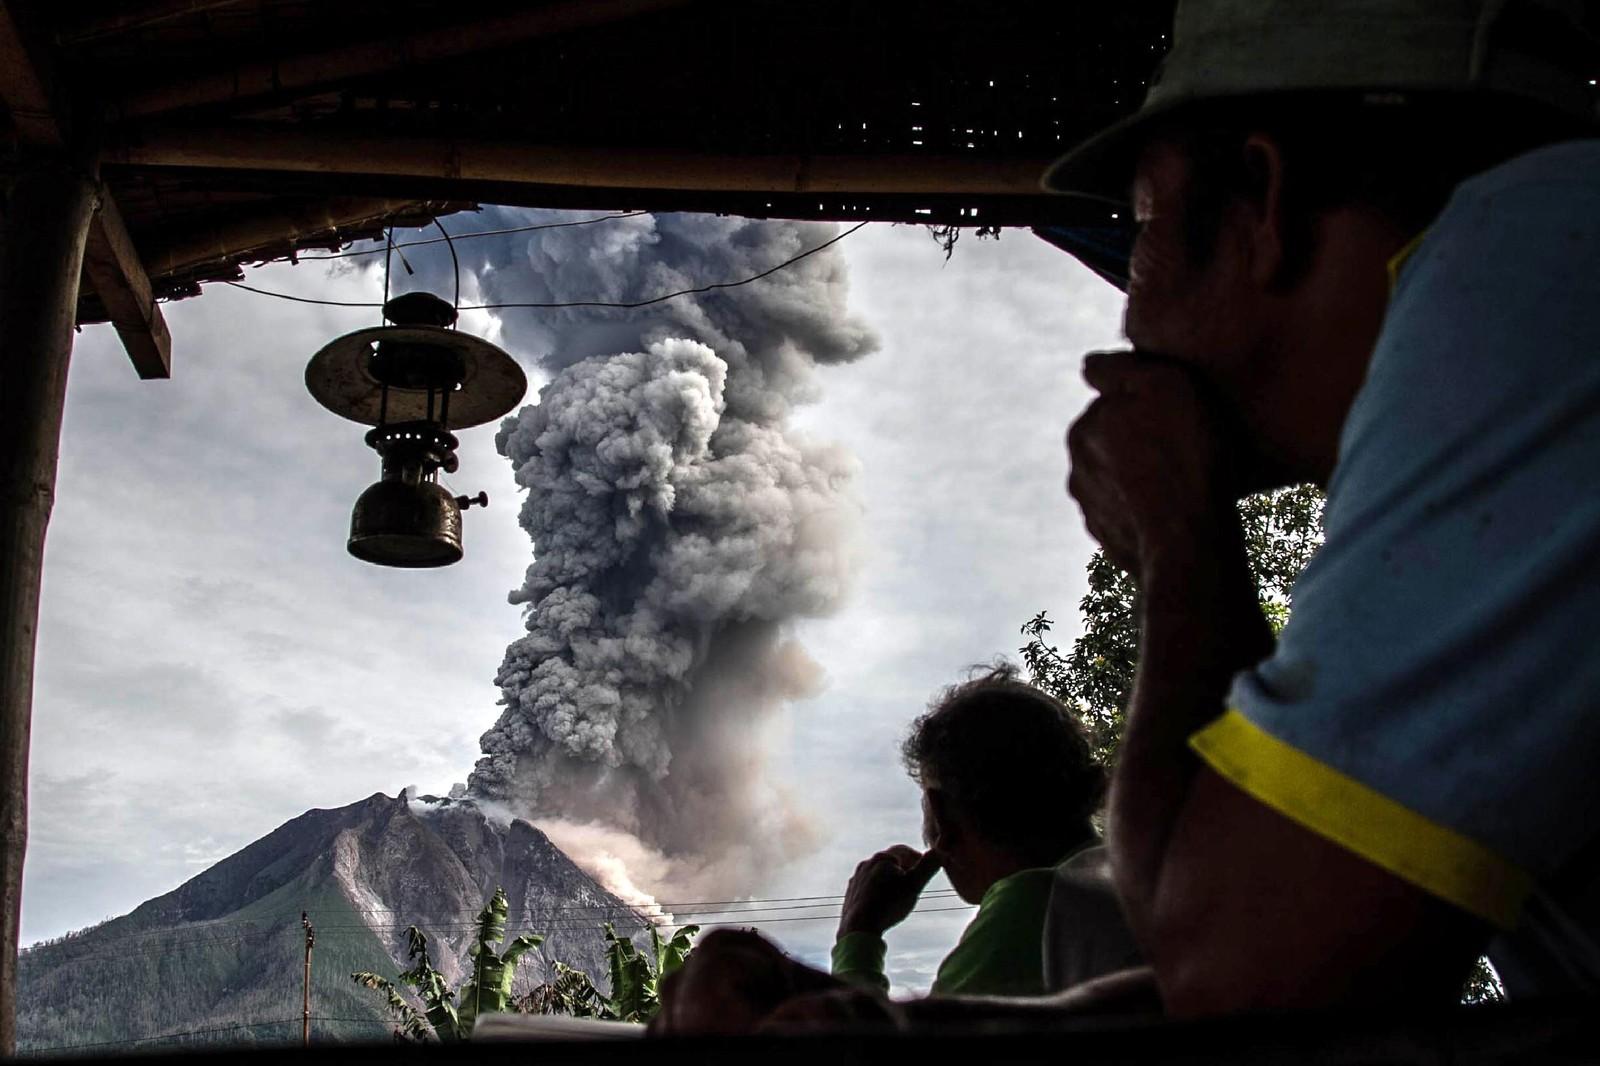 Landsbyboere fra Beganding på Nord-Sumatra i Indonesia ser på vulkanen Sinabung. Vulkanen våknet til liv igjen i 2010 etter å ha vært i dvale i rundt 400 år. Indonesia er det landet i verden med flest aktive vulkaner.